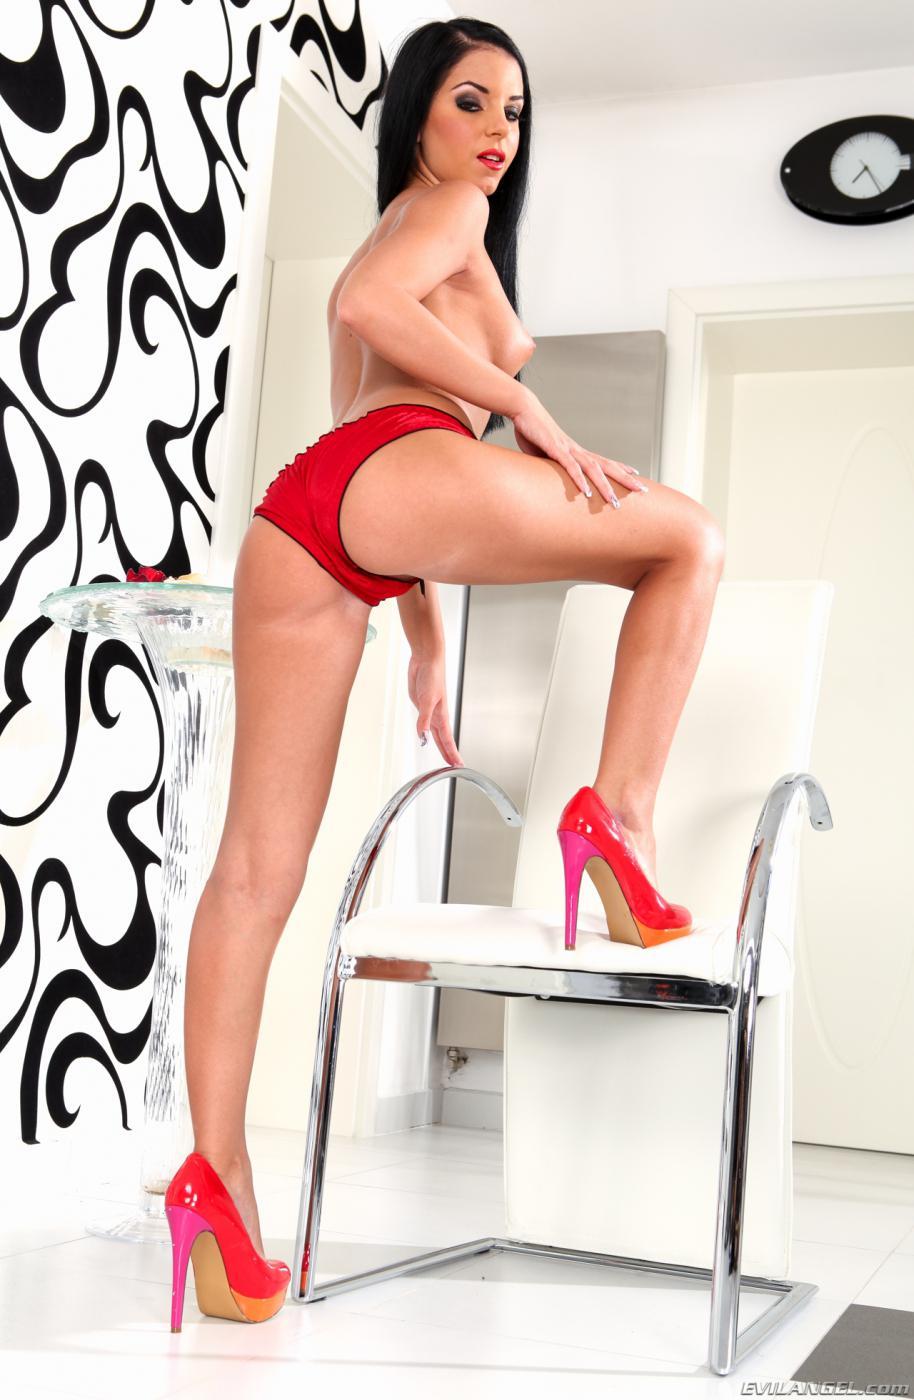 Экстравагантная брюнетка Jessyka Swan позирует в красном белье и снимает его, чтобы показать свою бритую киску